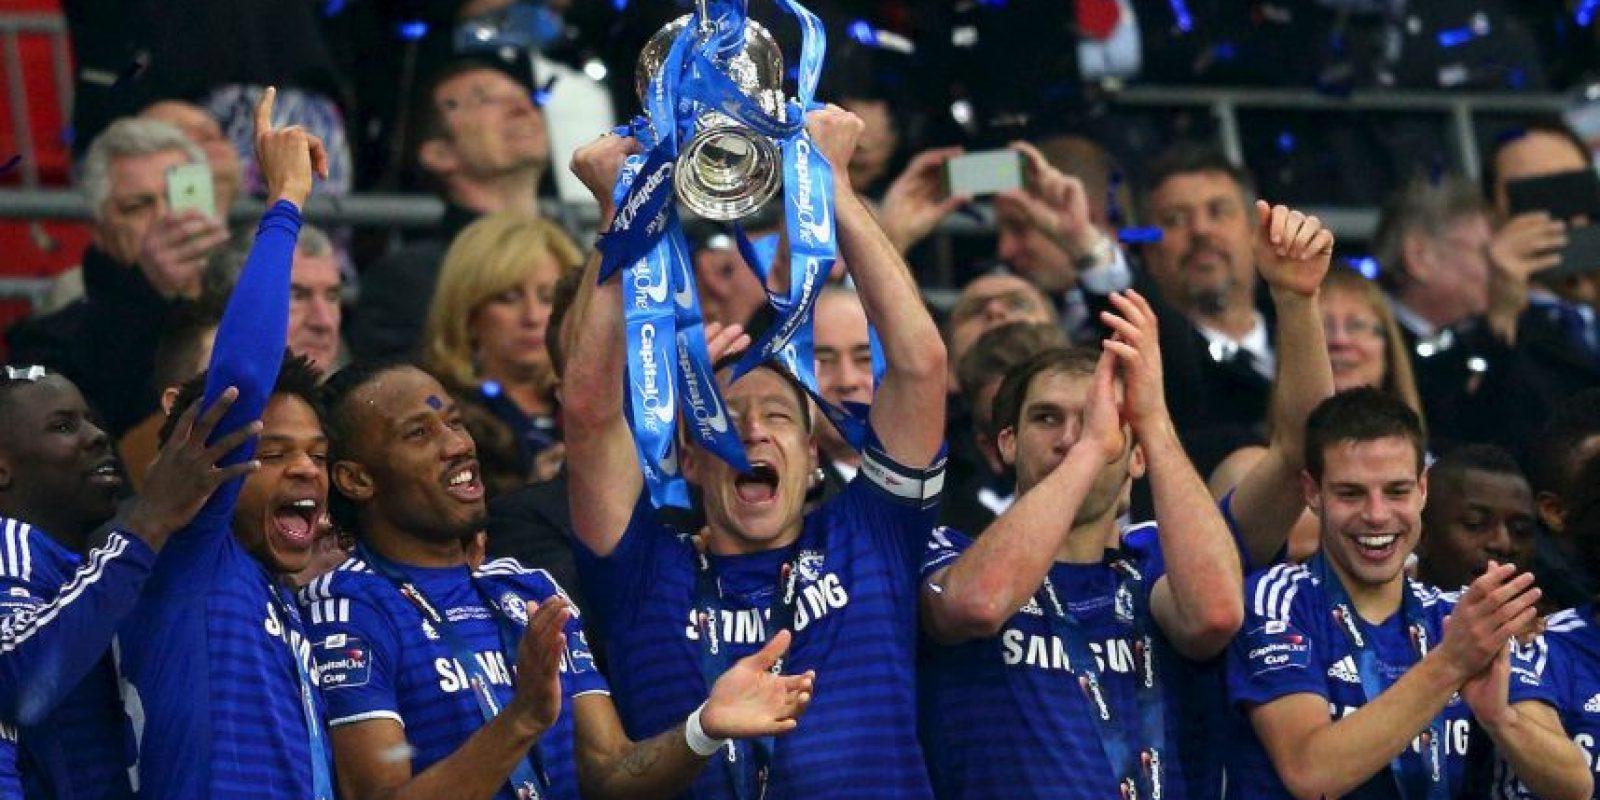 """El club inglés Chelsea es, según los datos de la organización, el más """"trolleado"""" por los hinchas con 20 mil publicaciones abusivas. Foto:Getty Images"""